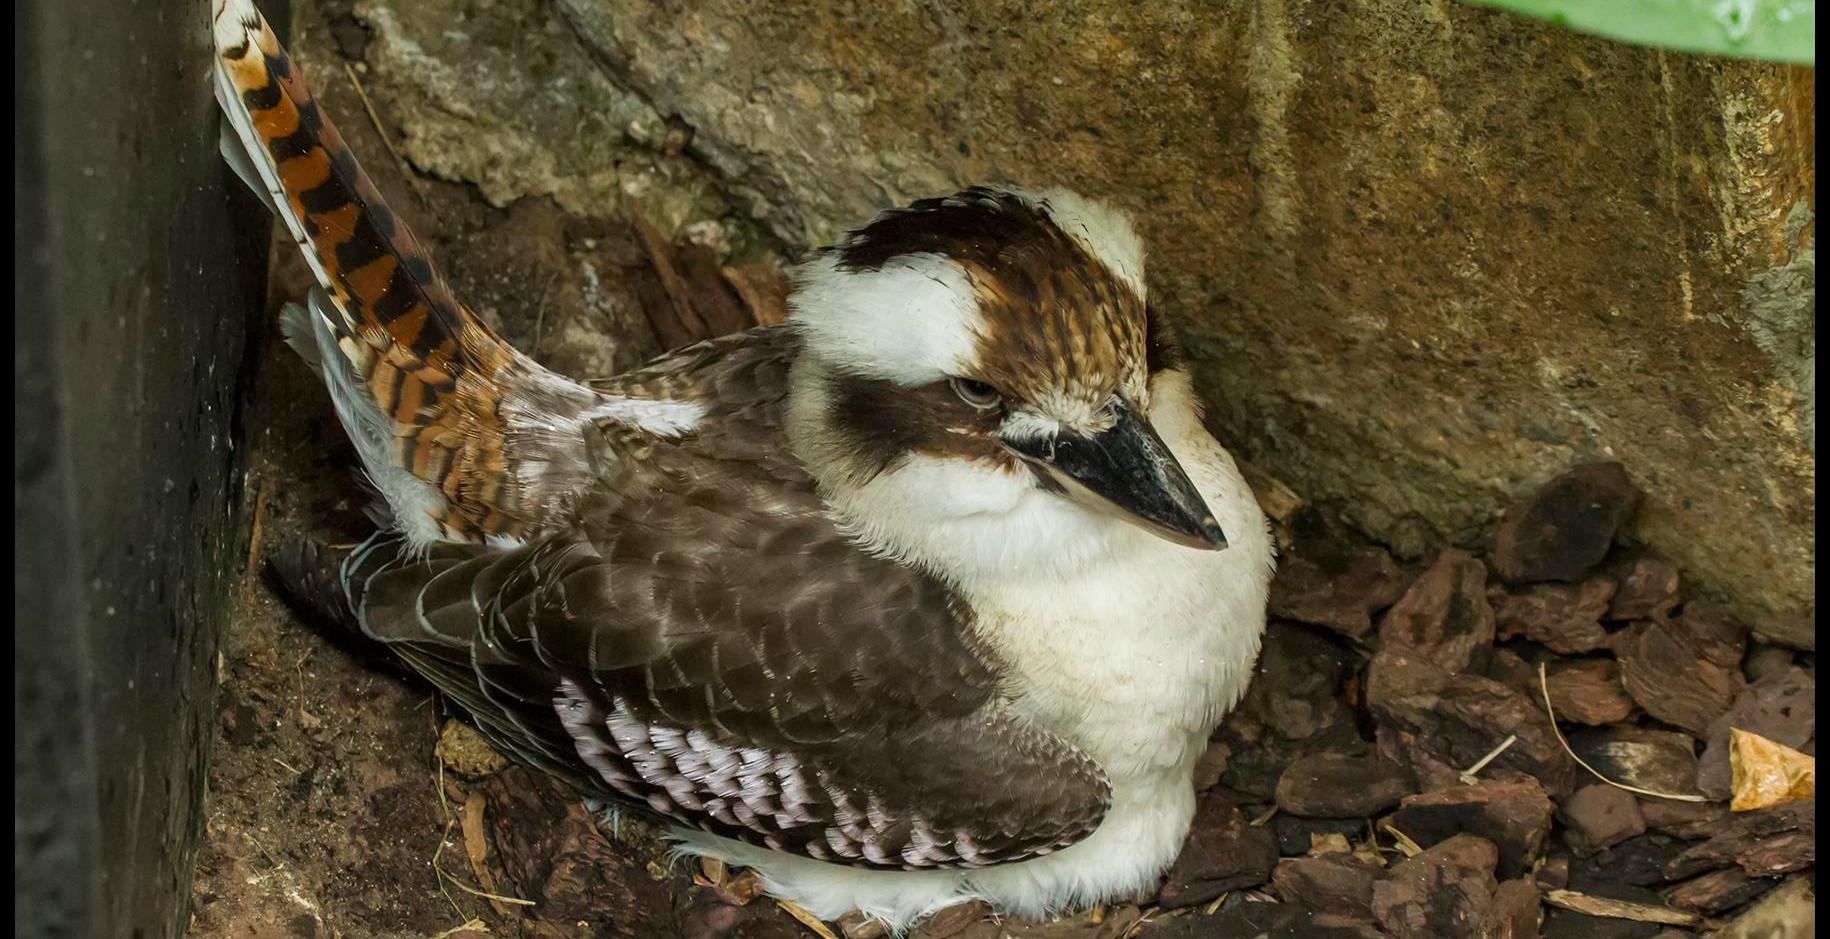 Female kookaburra on nest